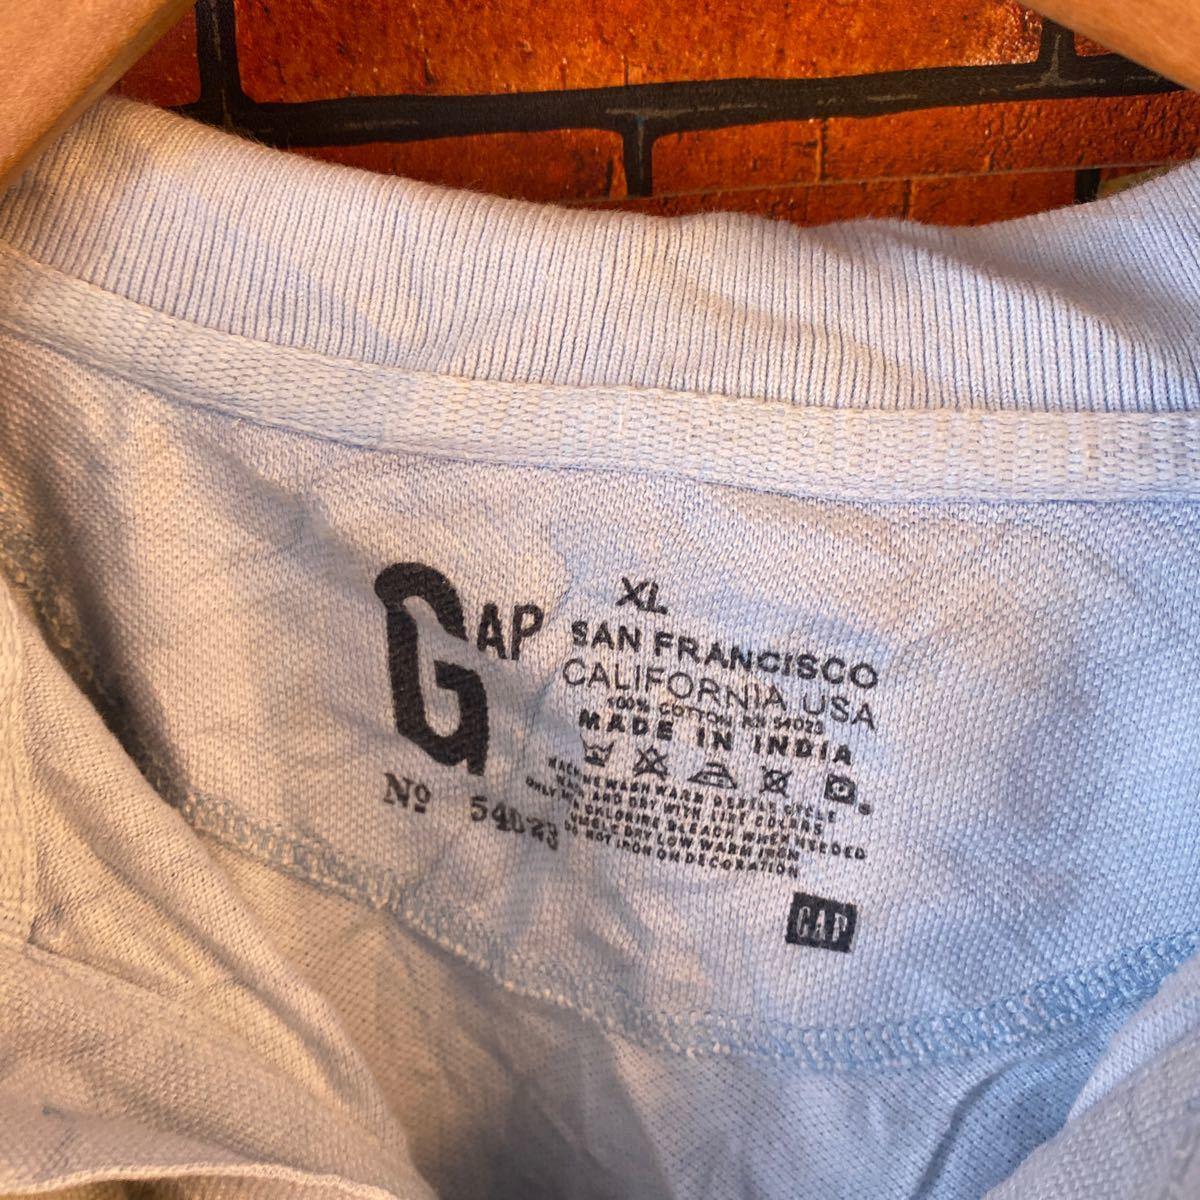 1円スタート ポロシャツ クールビズ まとめ売り 大量セット 6枚セット ワーク スタッフ アメリカ古着 XL _画像9